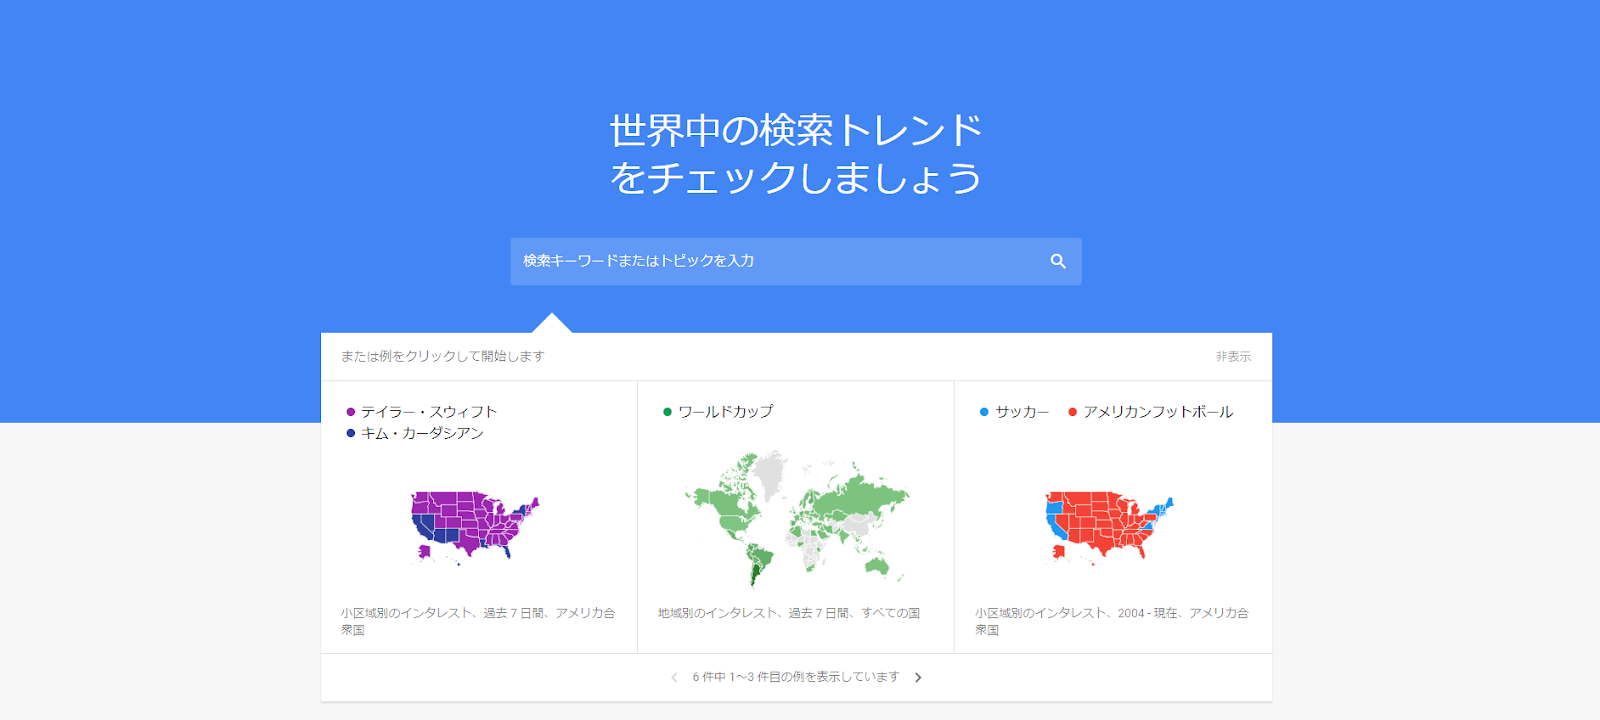 Googleトレンドでキーワード検索数の推移を調べよう。ツールの使い方やデータの見方・活用方法を解説